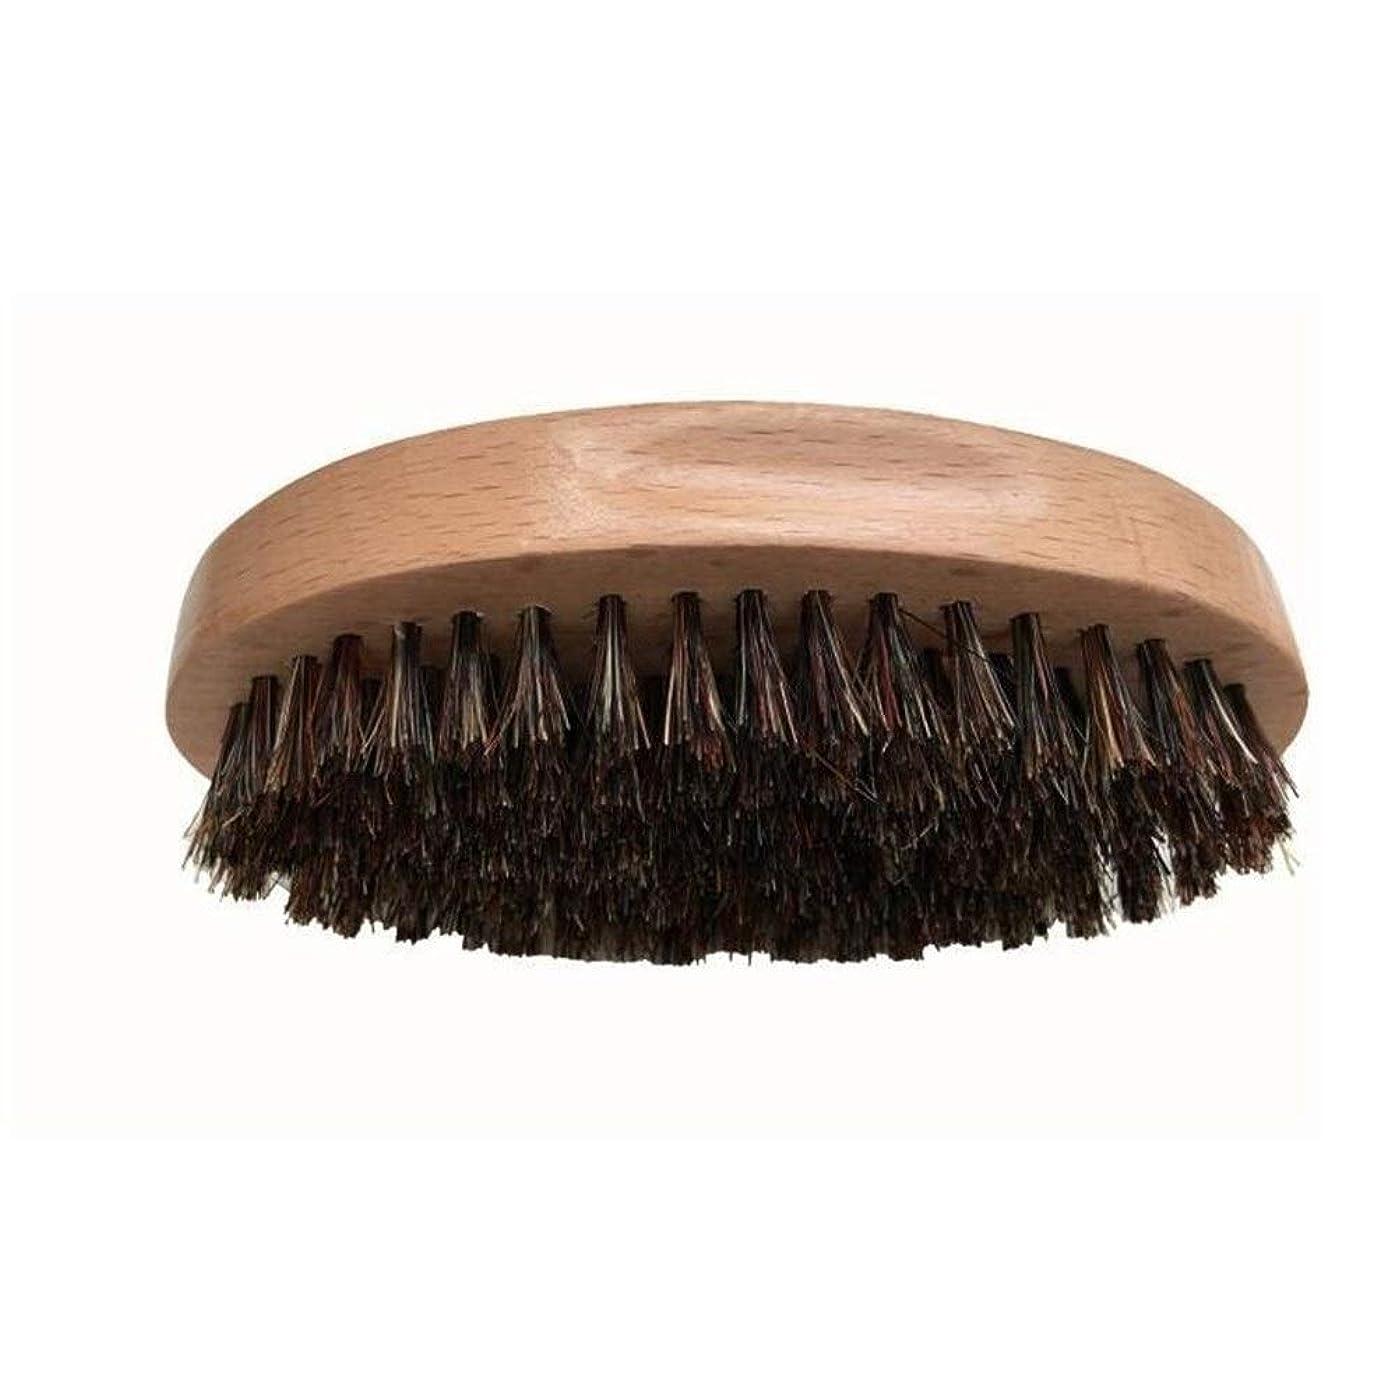 省バウンド強大なシェービングブラシ 男性 口ひげ ひげブラシ ラウンド櫛 メンズシェービングツール 理容 洗顔 髭剃り 泡立ち